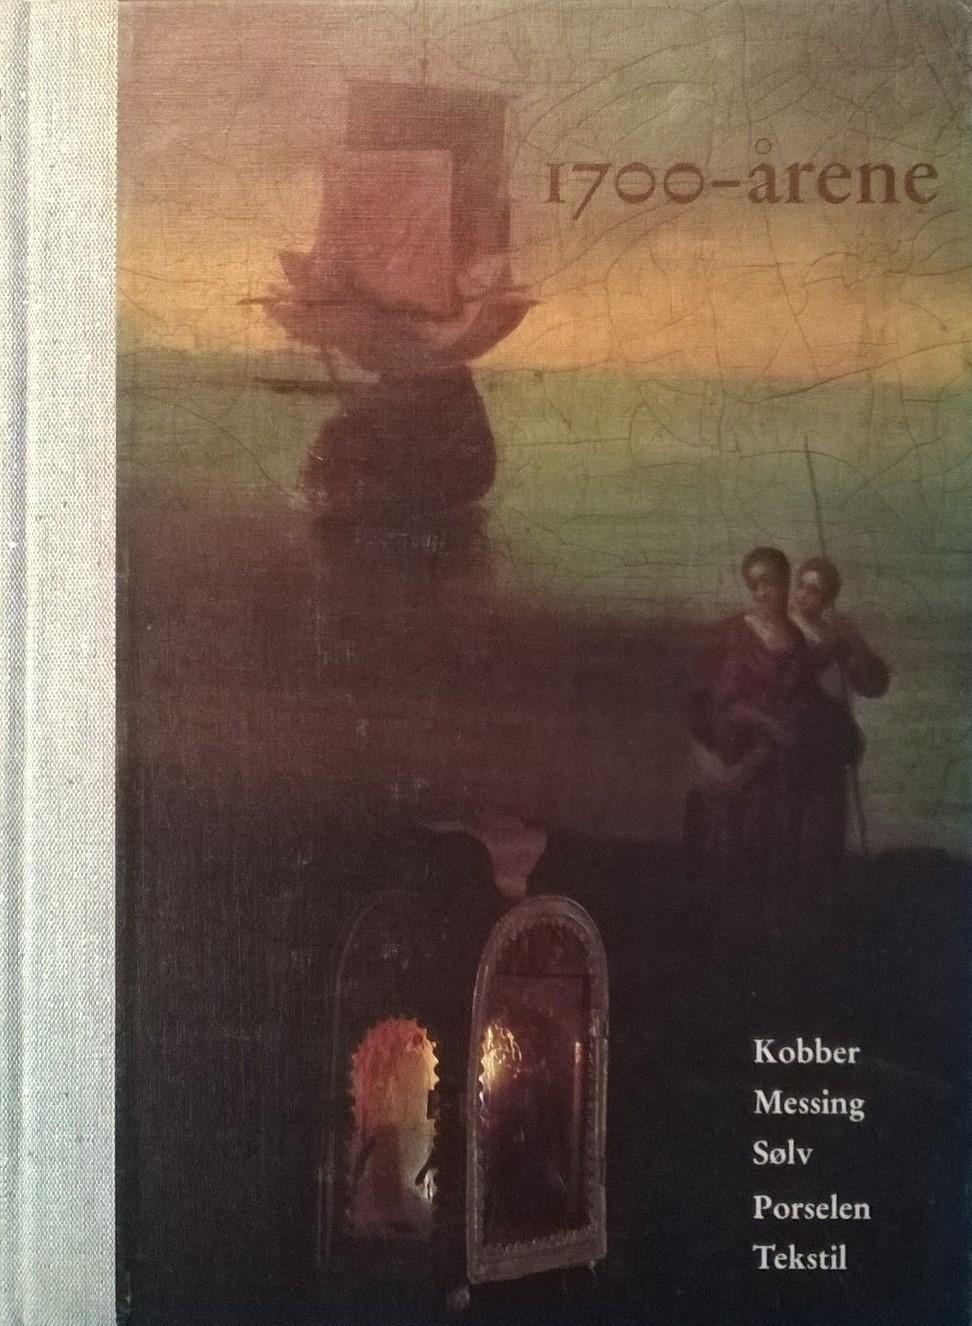 Gjerdi, Trond, Anne Kjellberg, Gerd Aarsland Rosander (red.) By og Bygd: 1700-årene: Norsk Folkemuseums årbok 1979—80